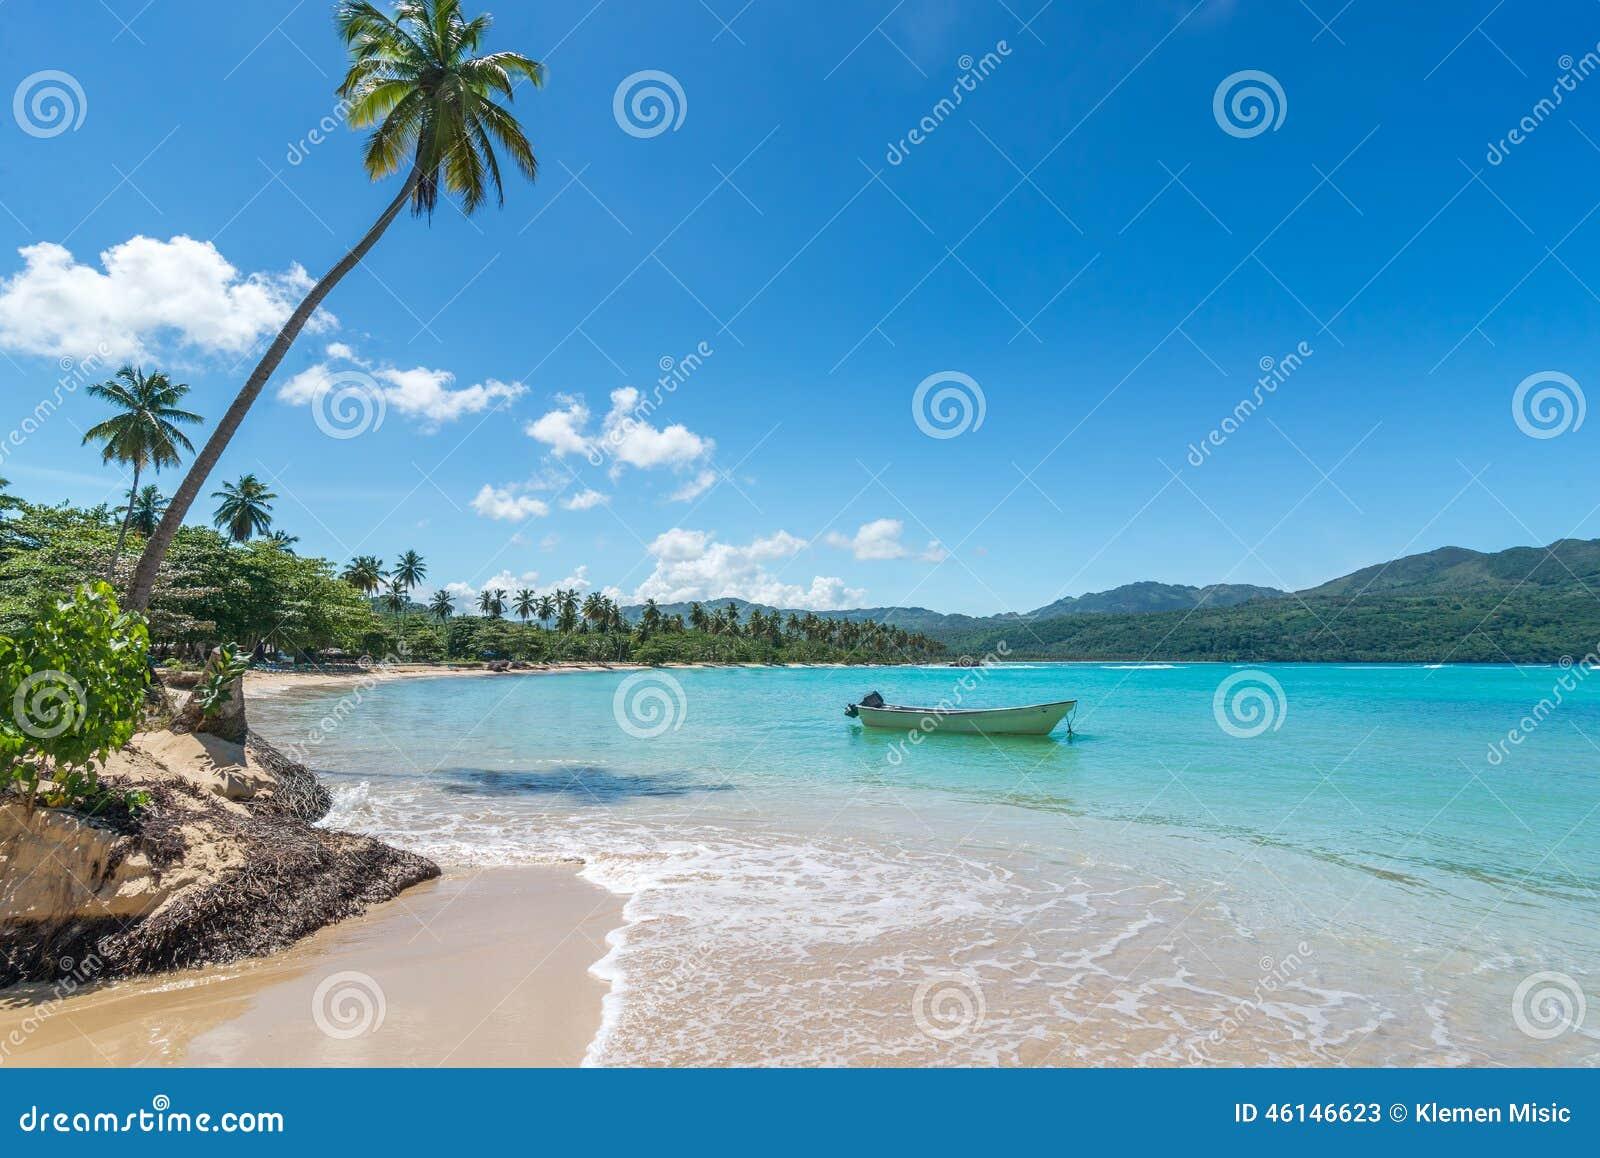 Łódź na turkusowym morzu karaibskim, Playa Rincon, republika dominikańska, wakacje, wakacje, drzewka palmowe, plaża